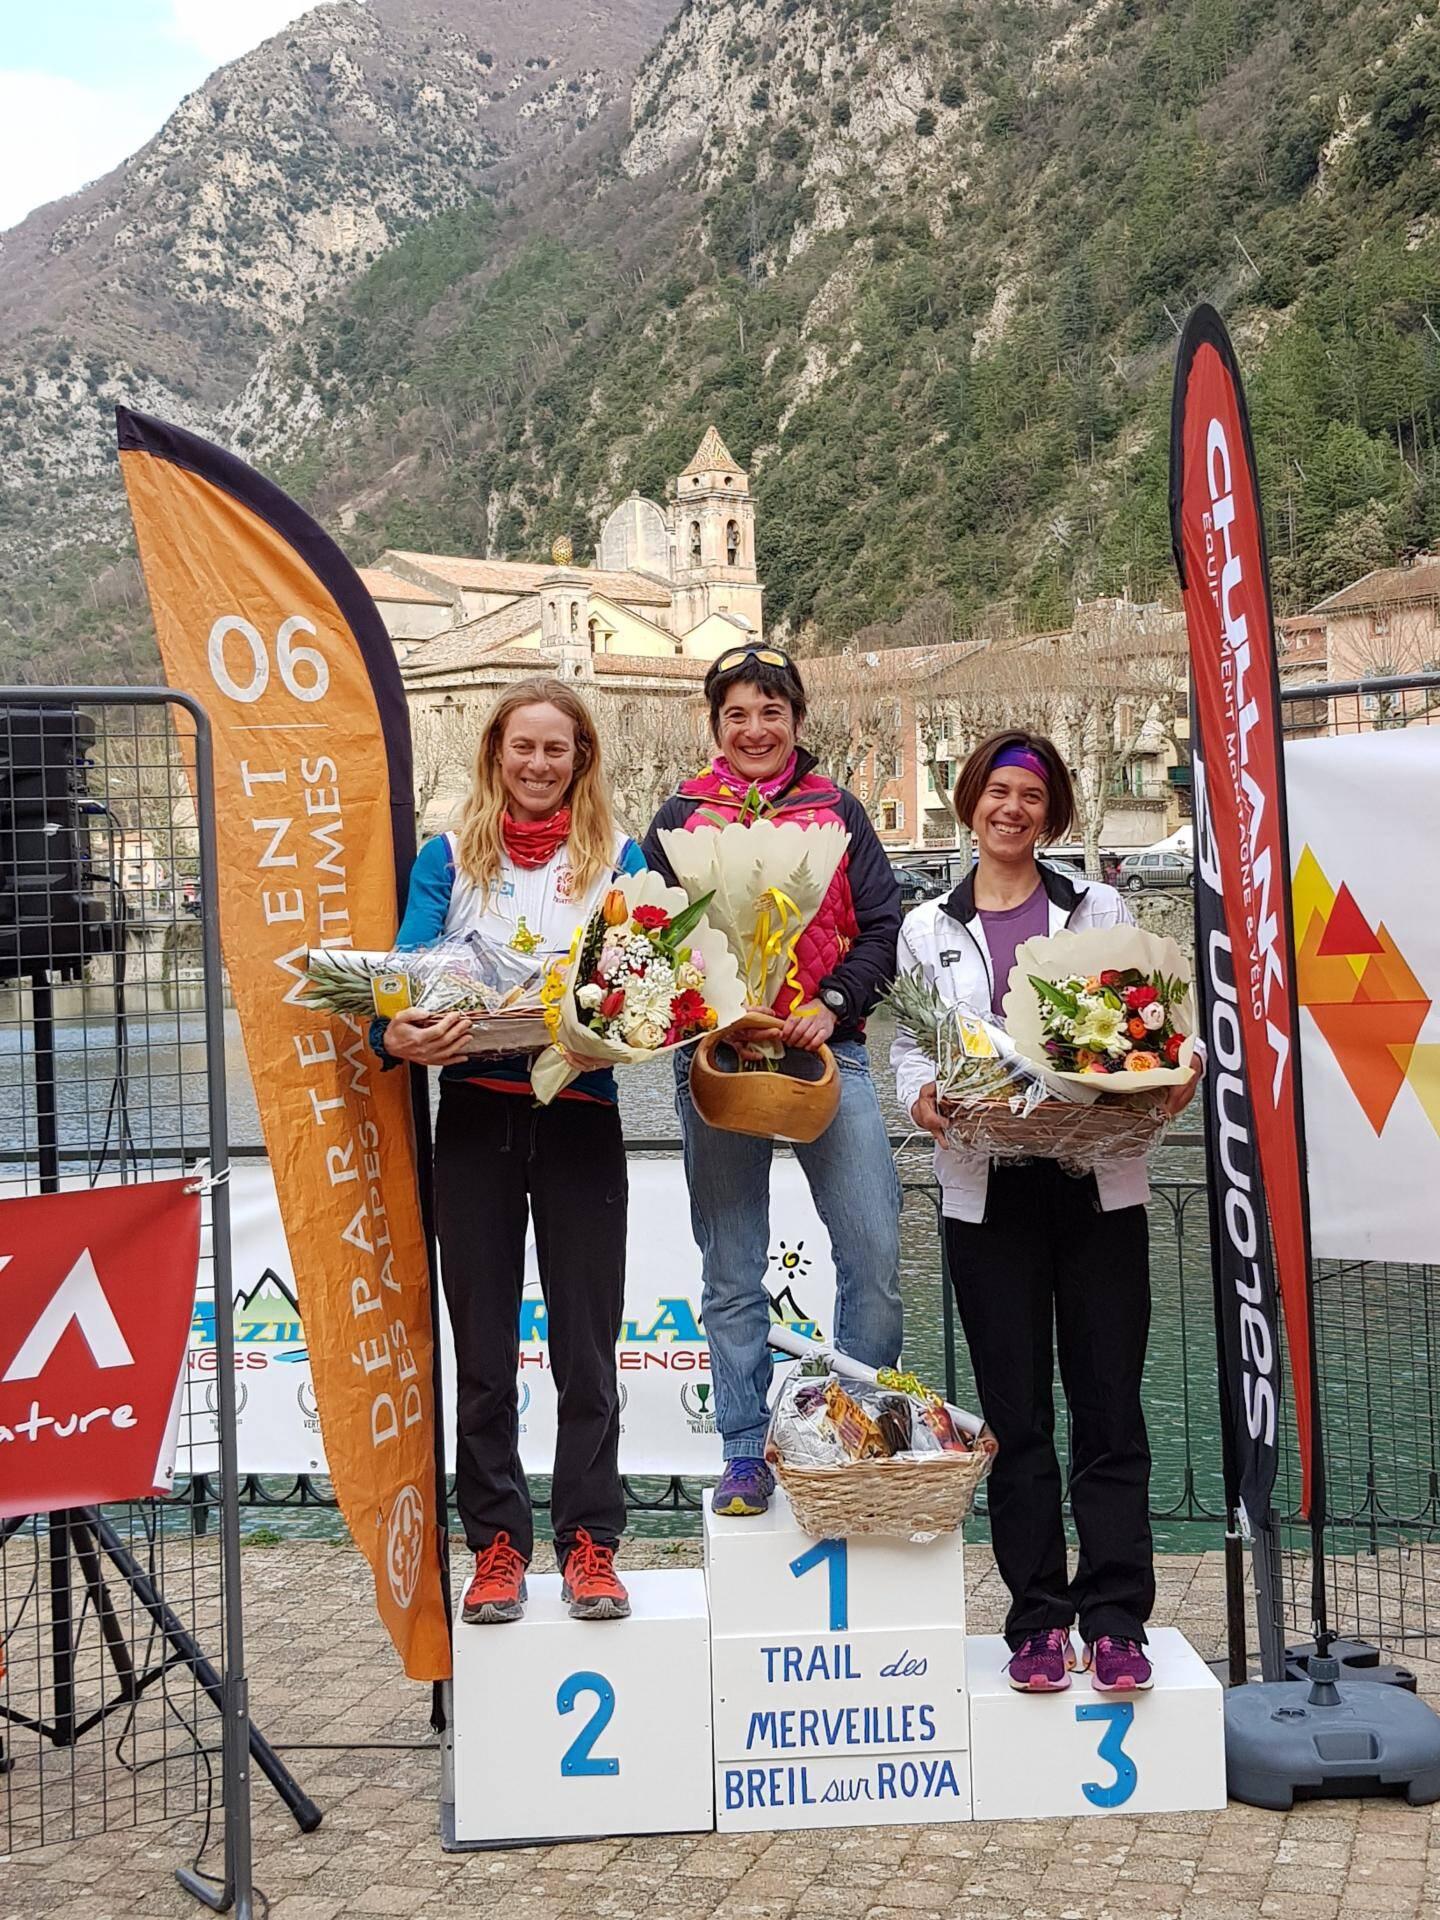 Le podium du 27 km : Julien Simonot devance Nicholas Wormald et Thibault Tchilinguirian.